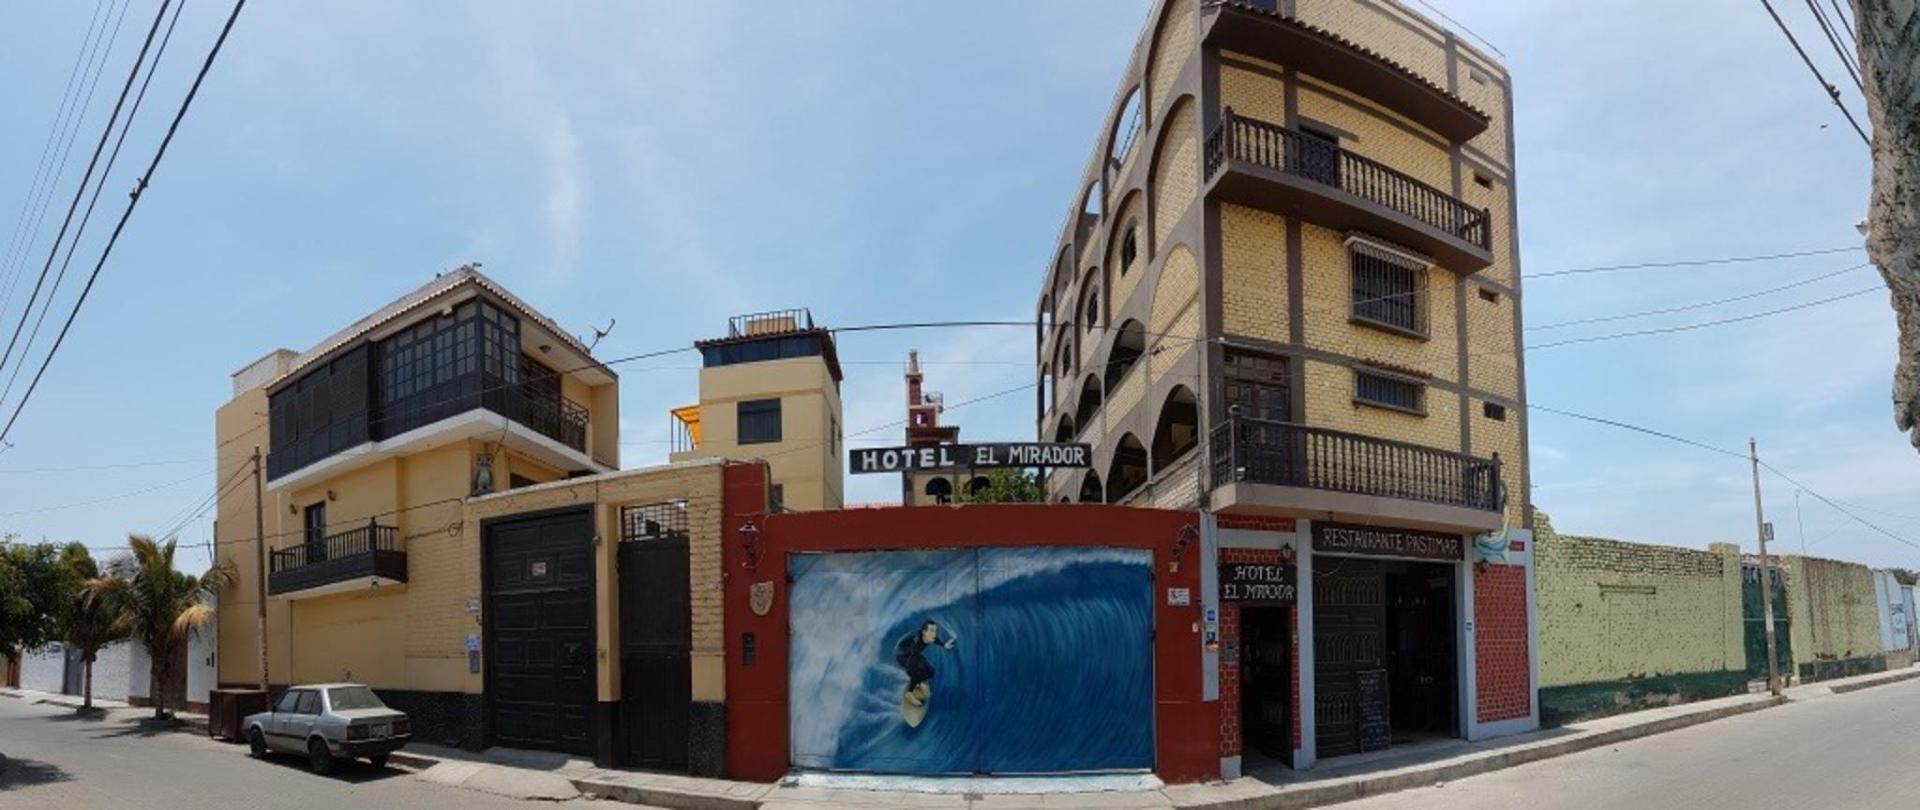 Surf Hotel Hospedaje El Mirador Pacasmayo Peru Hotel web.jpg